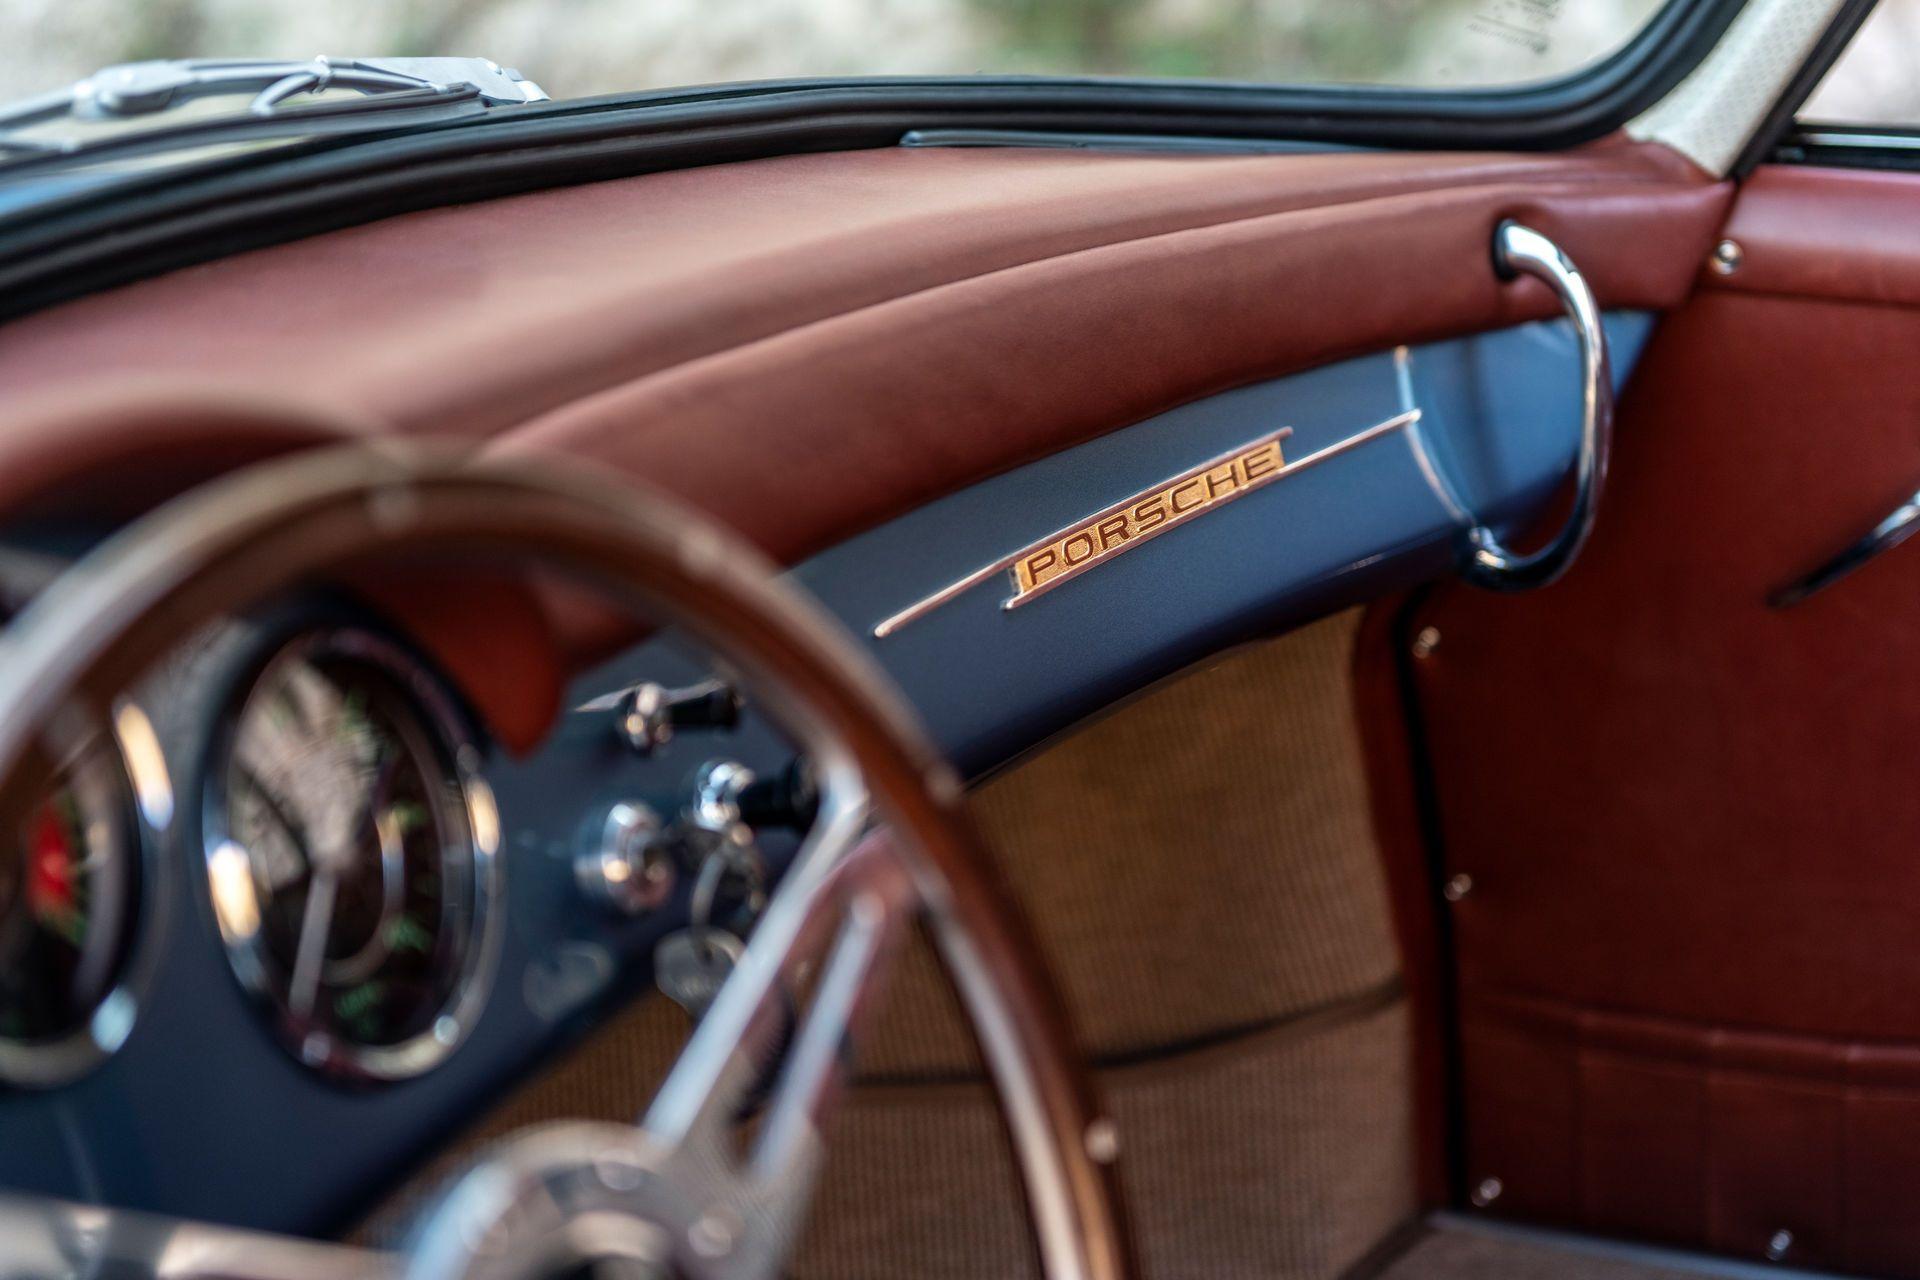 Porsche-356-A-Coupe-Restomod-Emory-Motorsports-66